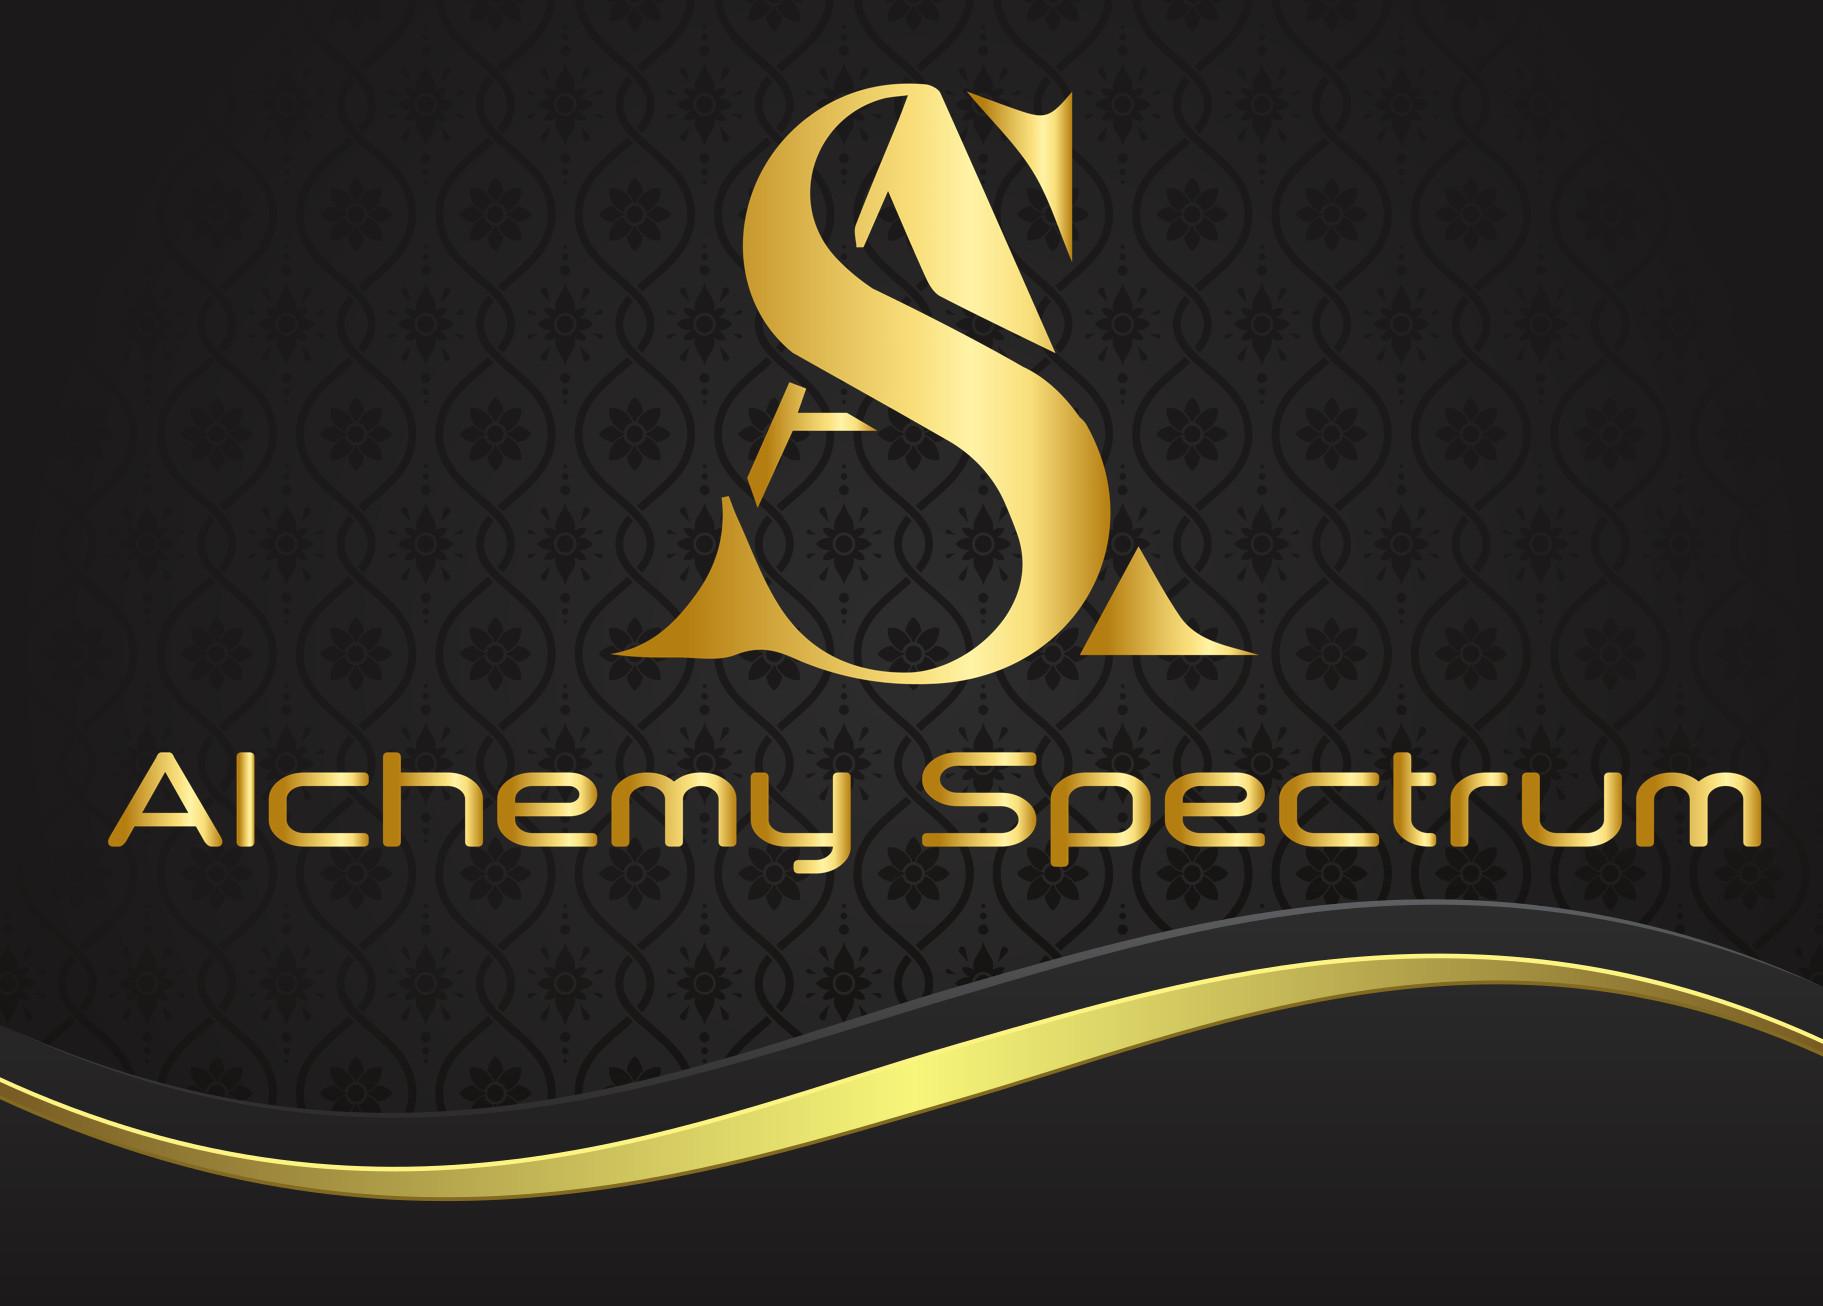 Alchemy Spectrum